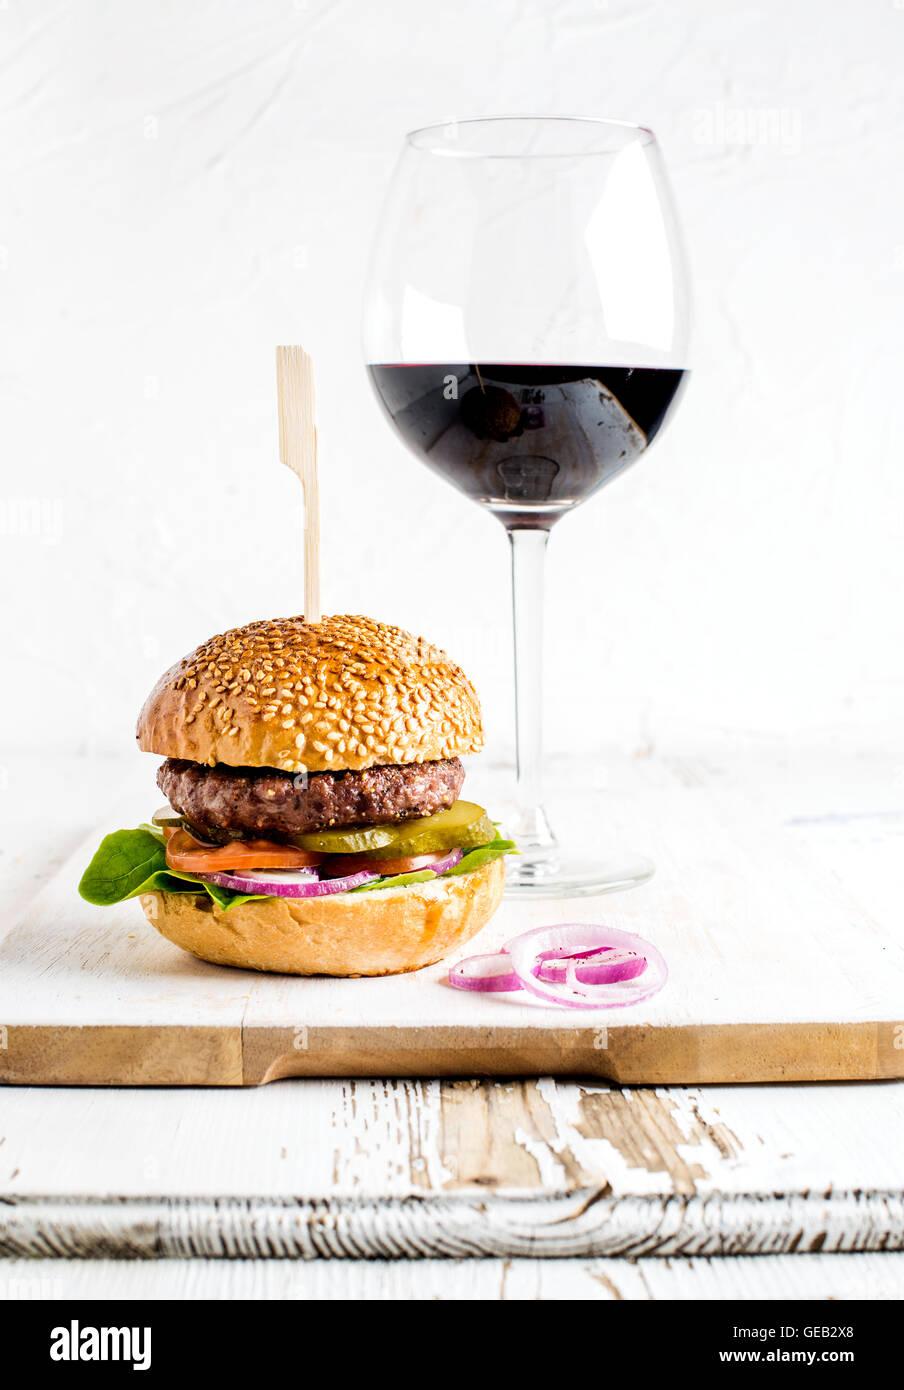 Burger maison en bois servant à bord avec des oignons et un verre de vin rouge Photo Stock